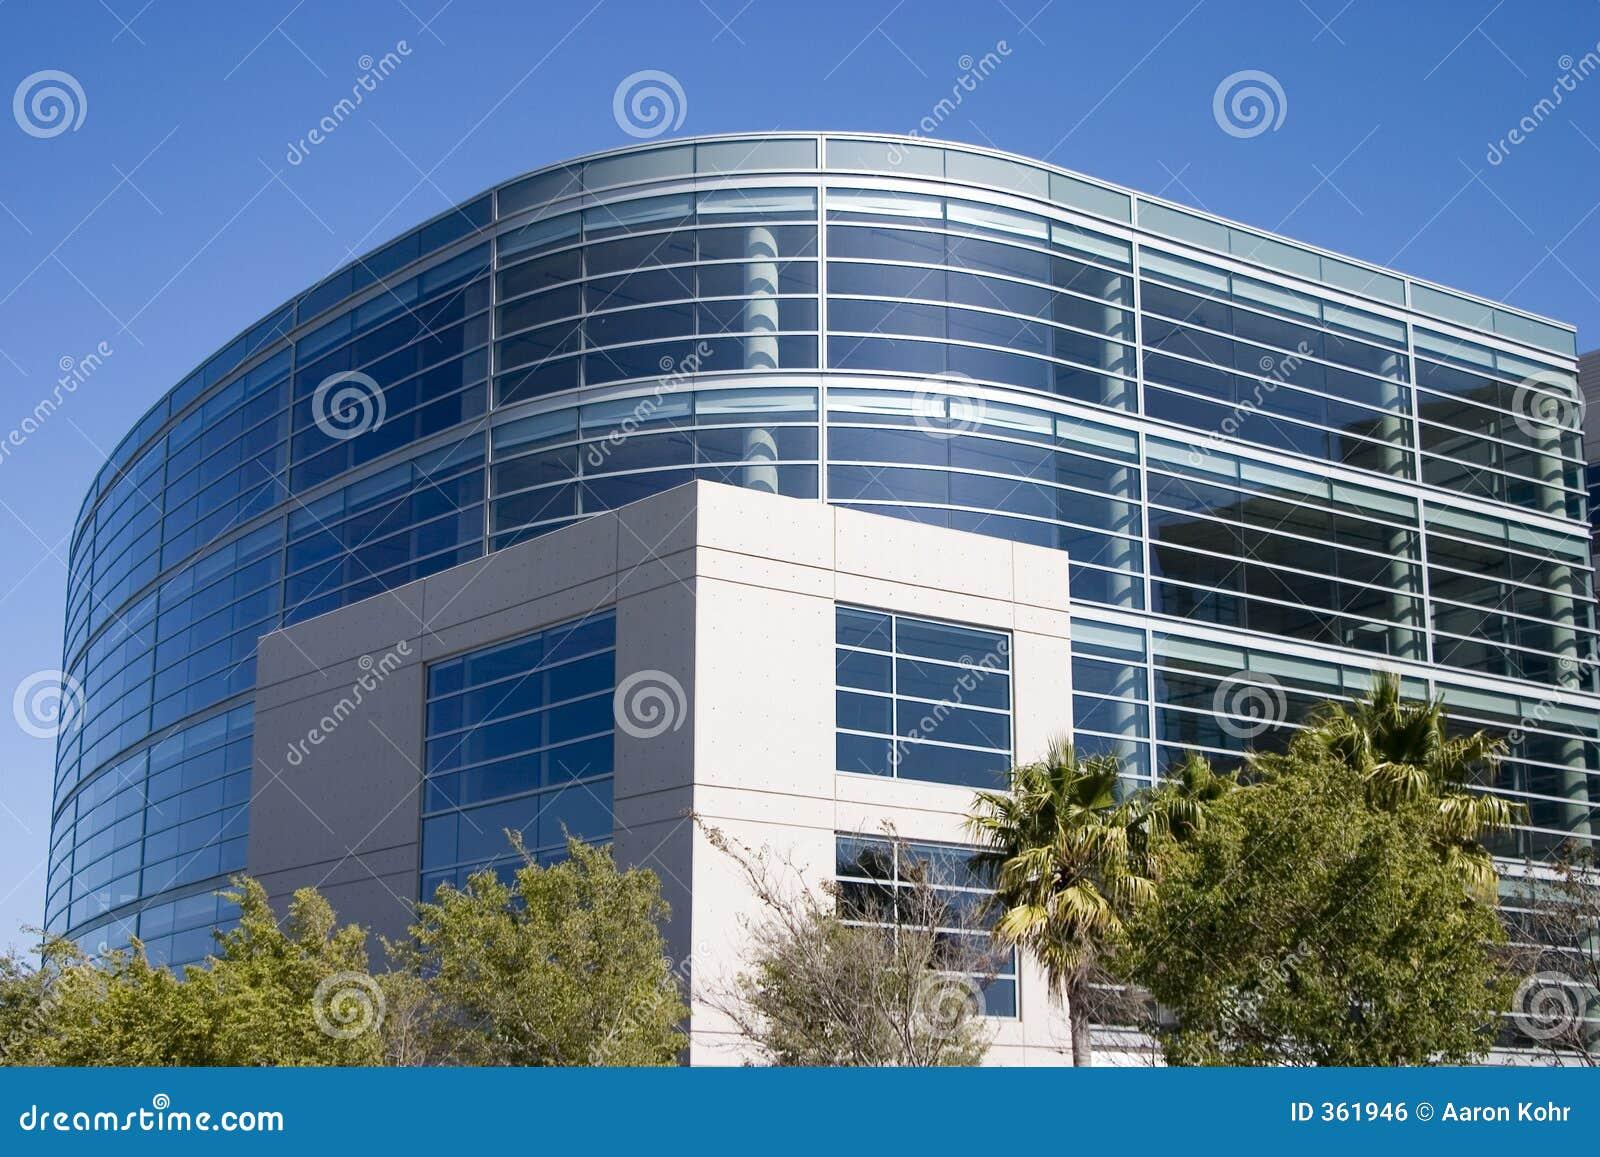 Tech Building 3